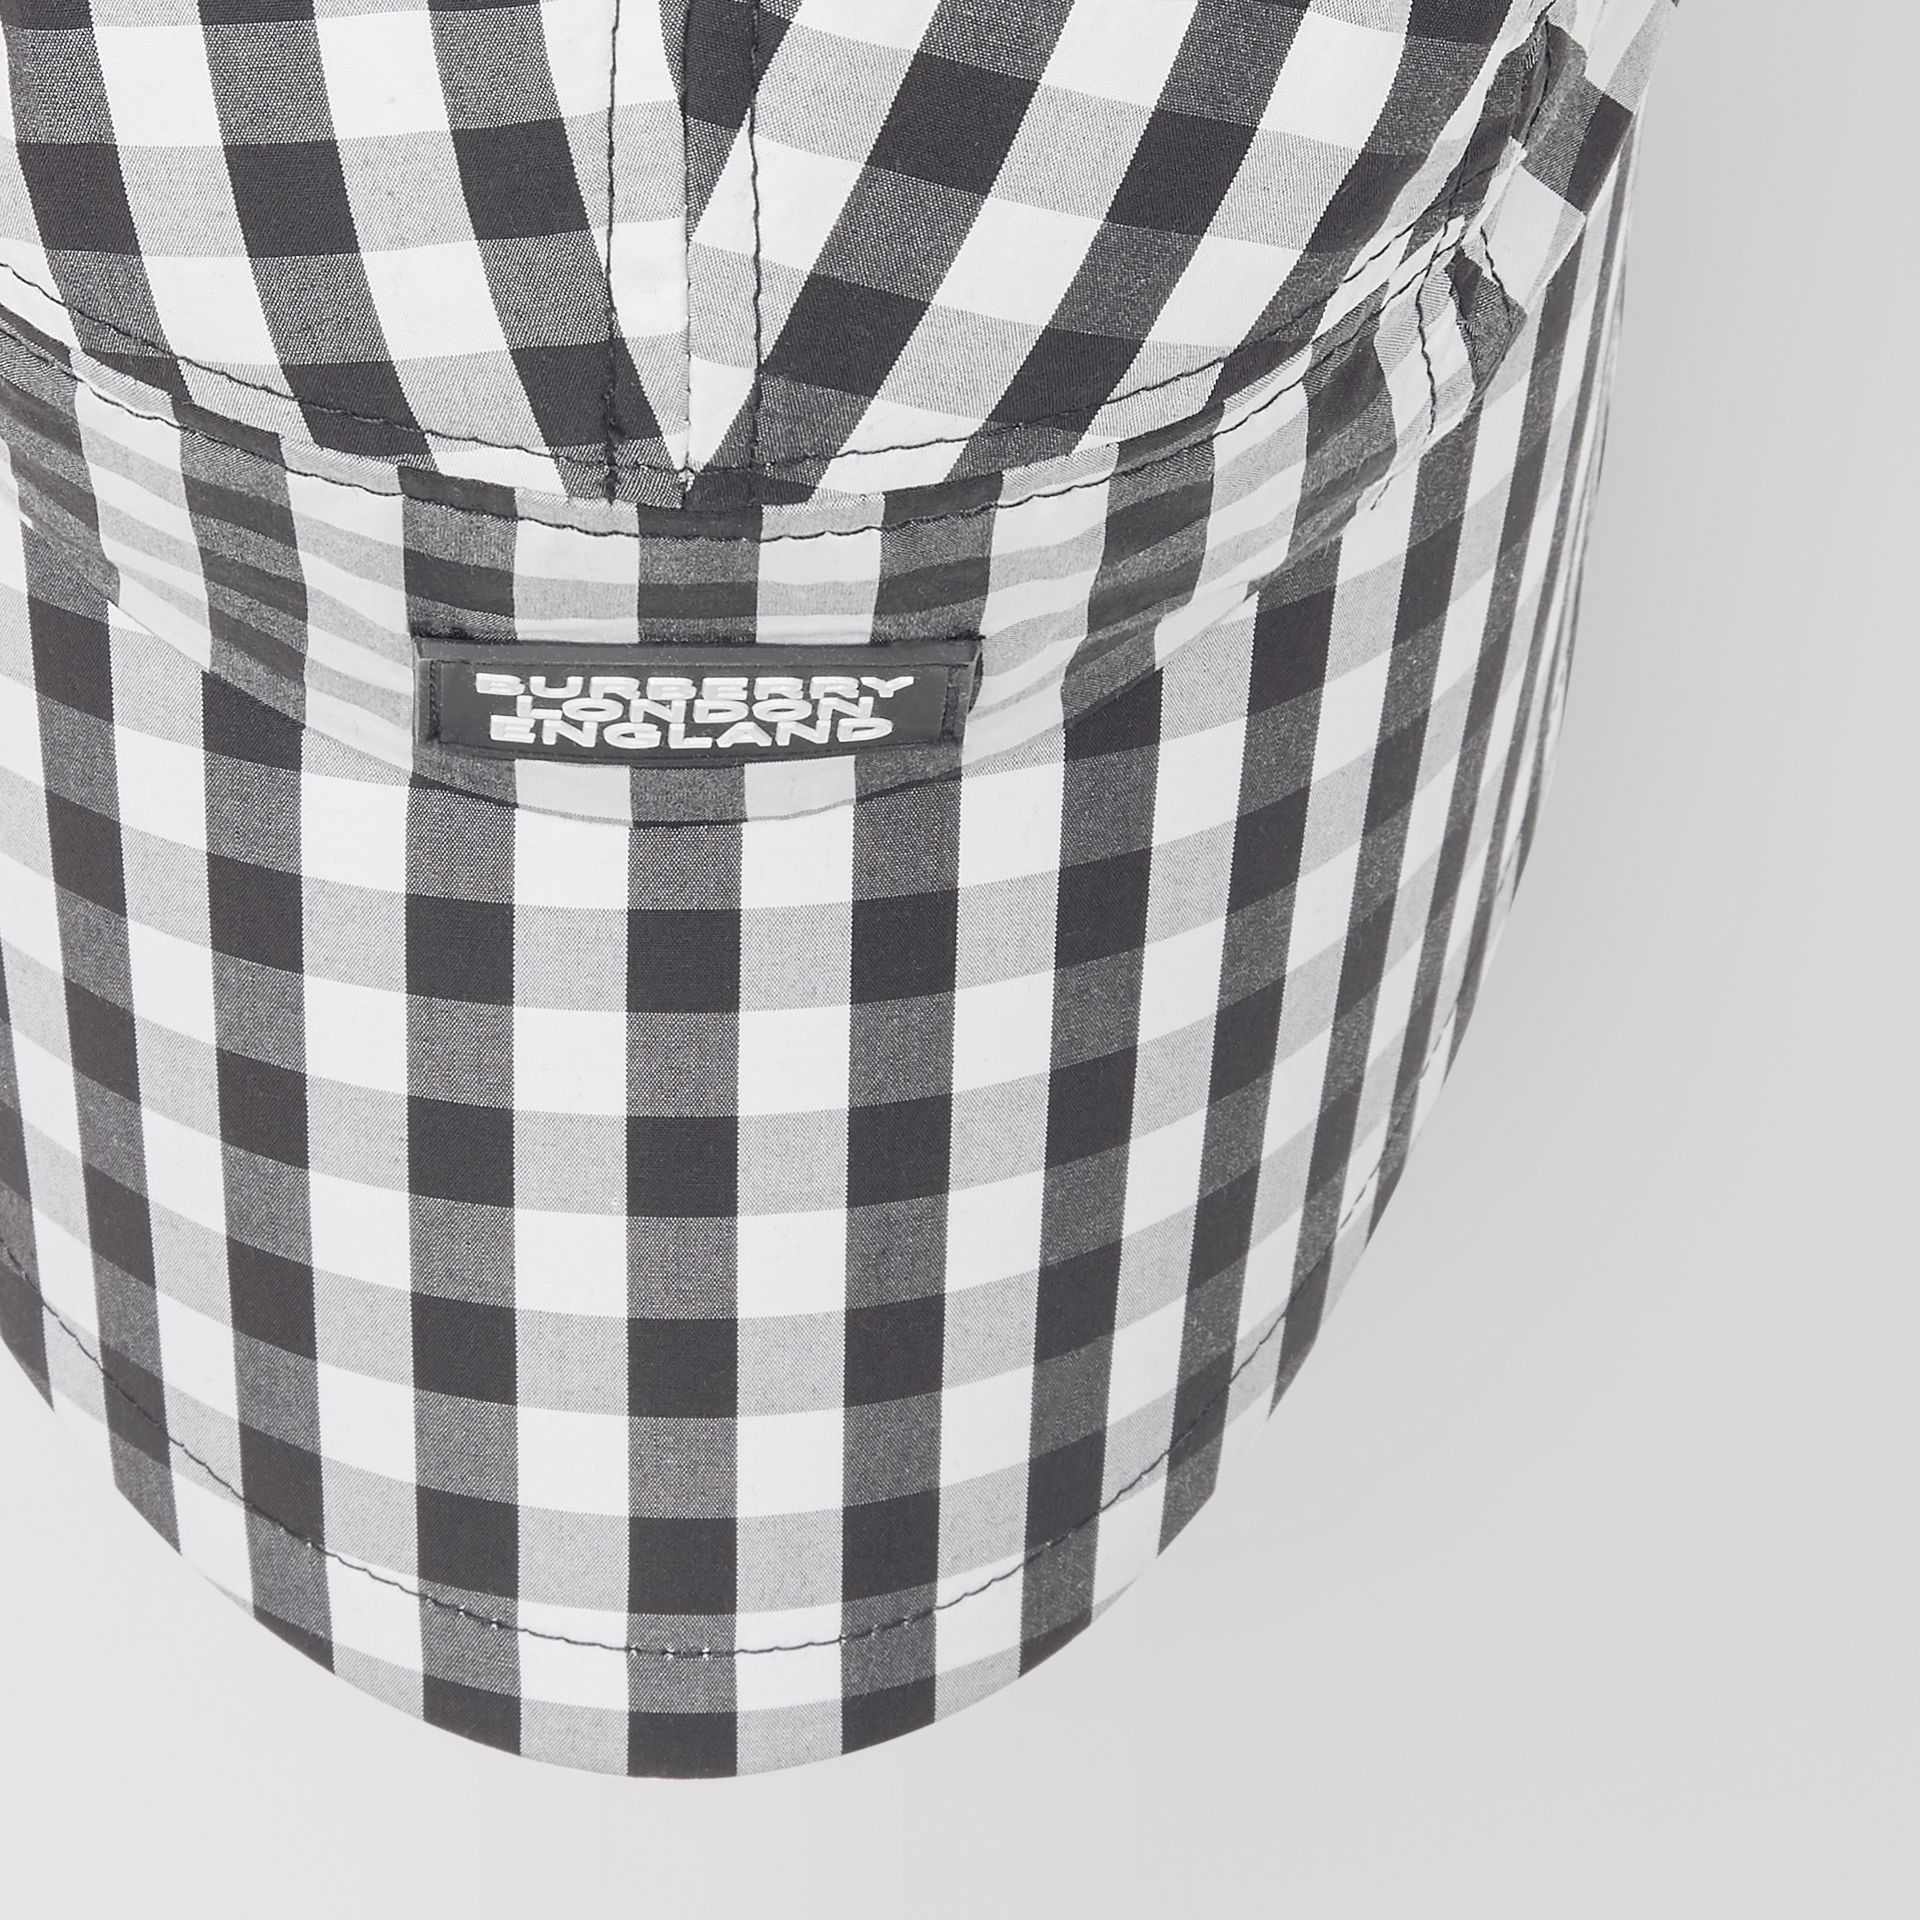 Hauben-Kappe aus Baumwolle mit Logo-Applikation und Vichy-Muster (Schwarz/weiß) | Burberry - Galerie-Bild 1